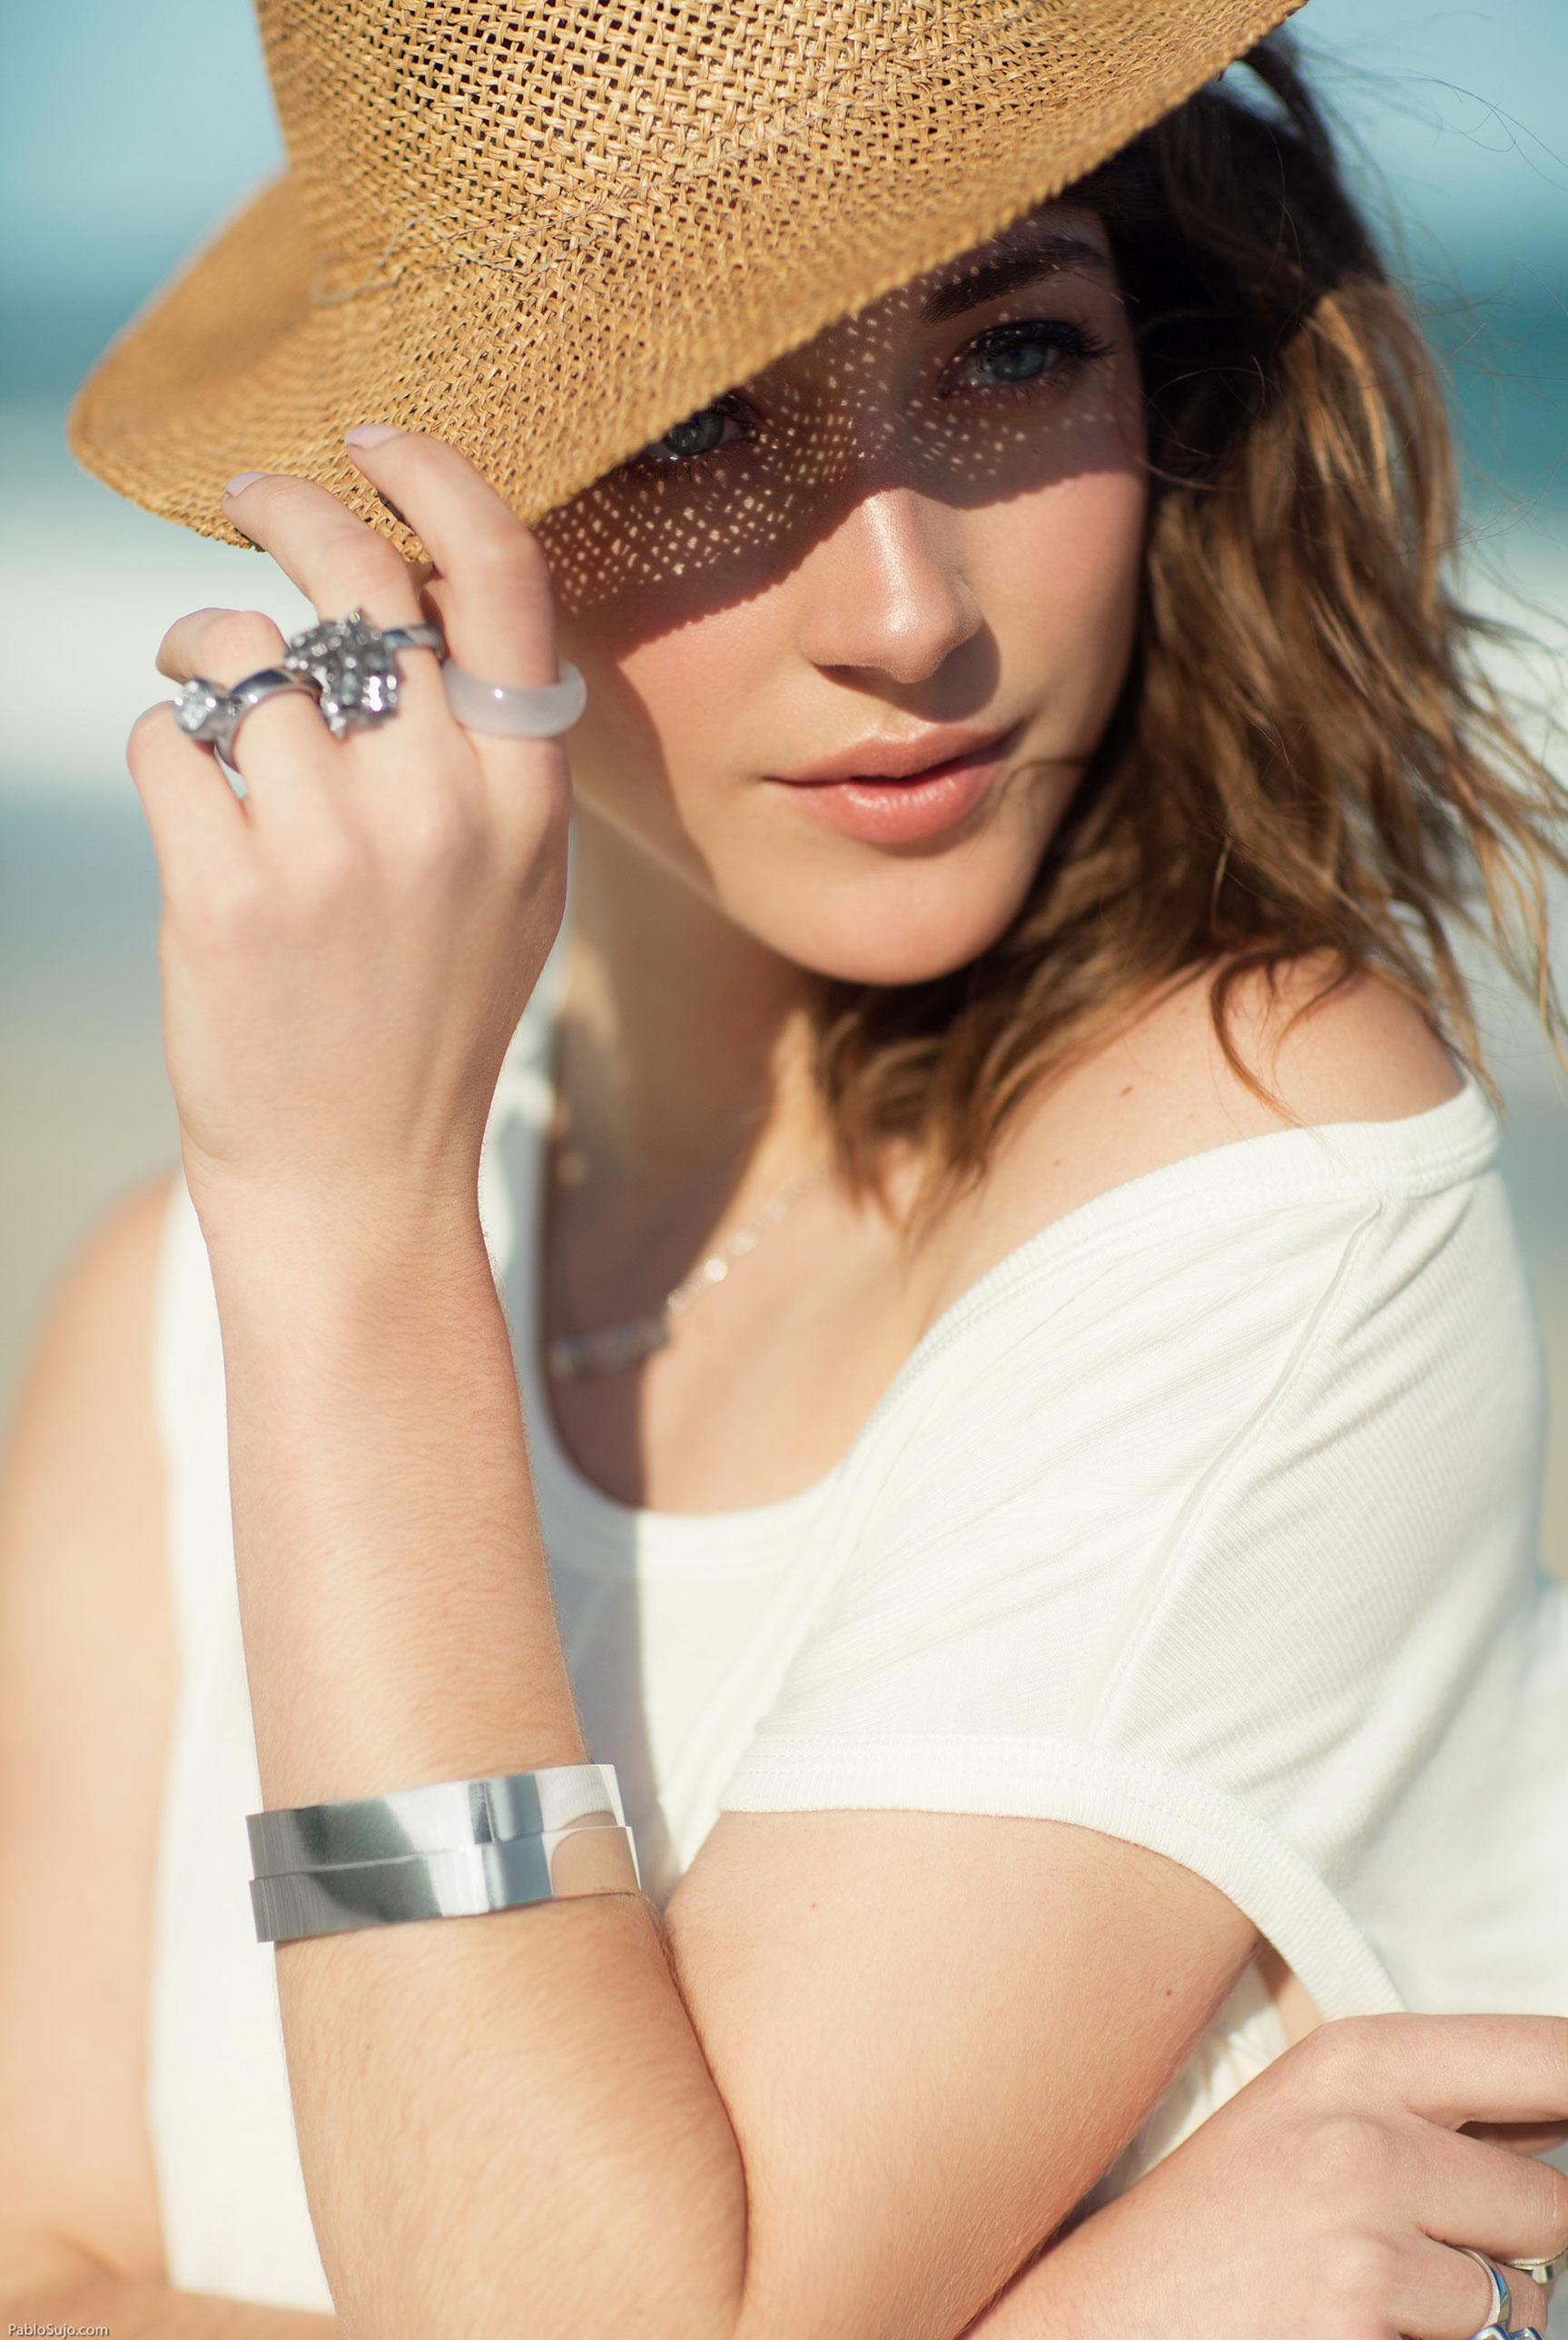 рекламная кампания украшений Forever Jewels Argentina, фотограф Pablo Sujo